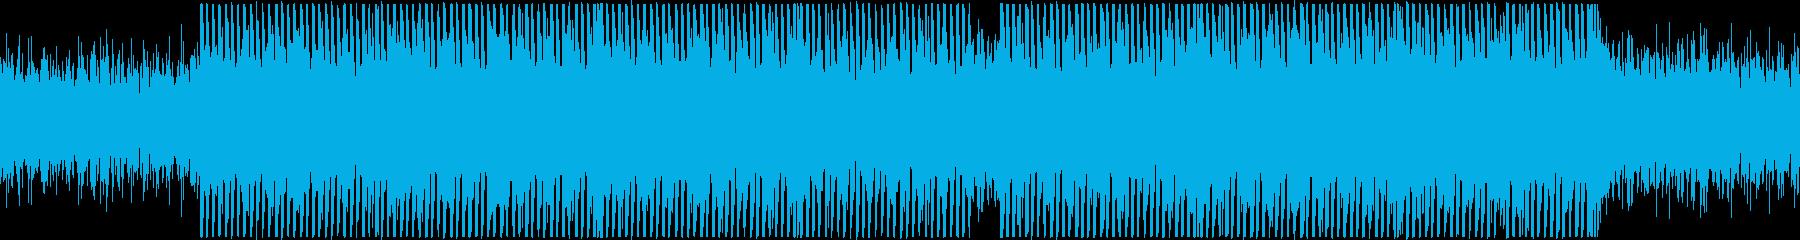 【ループ】ヴァイオリン&ギターの黄昏ハウの再生済みの波形